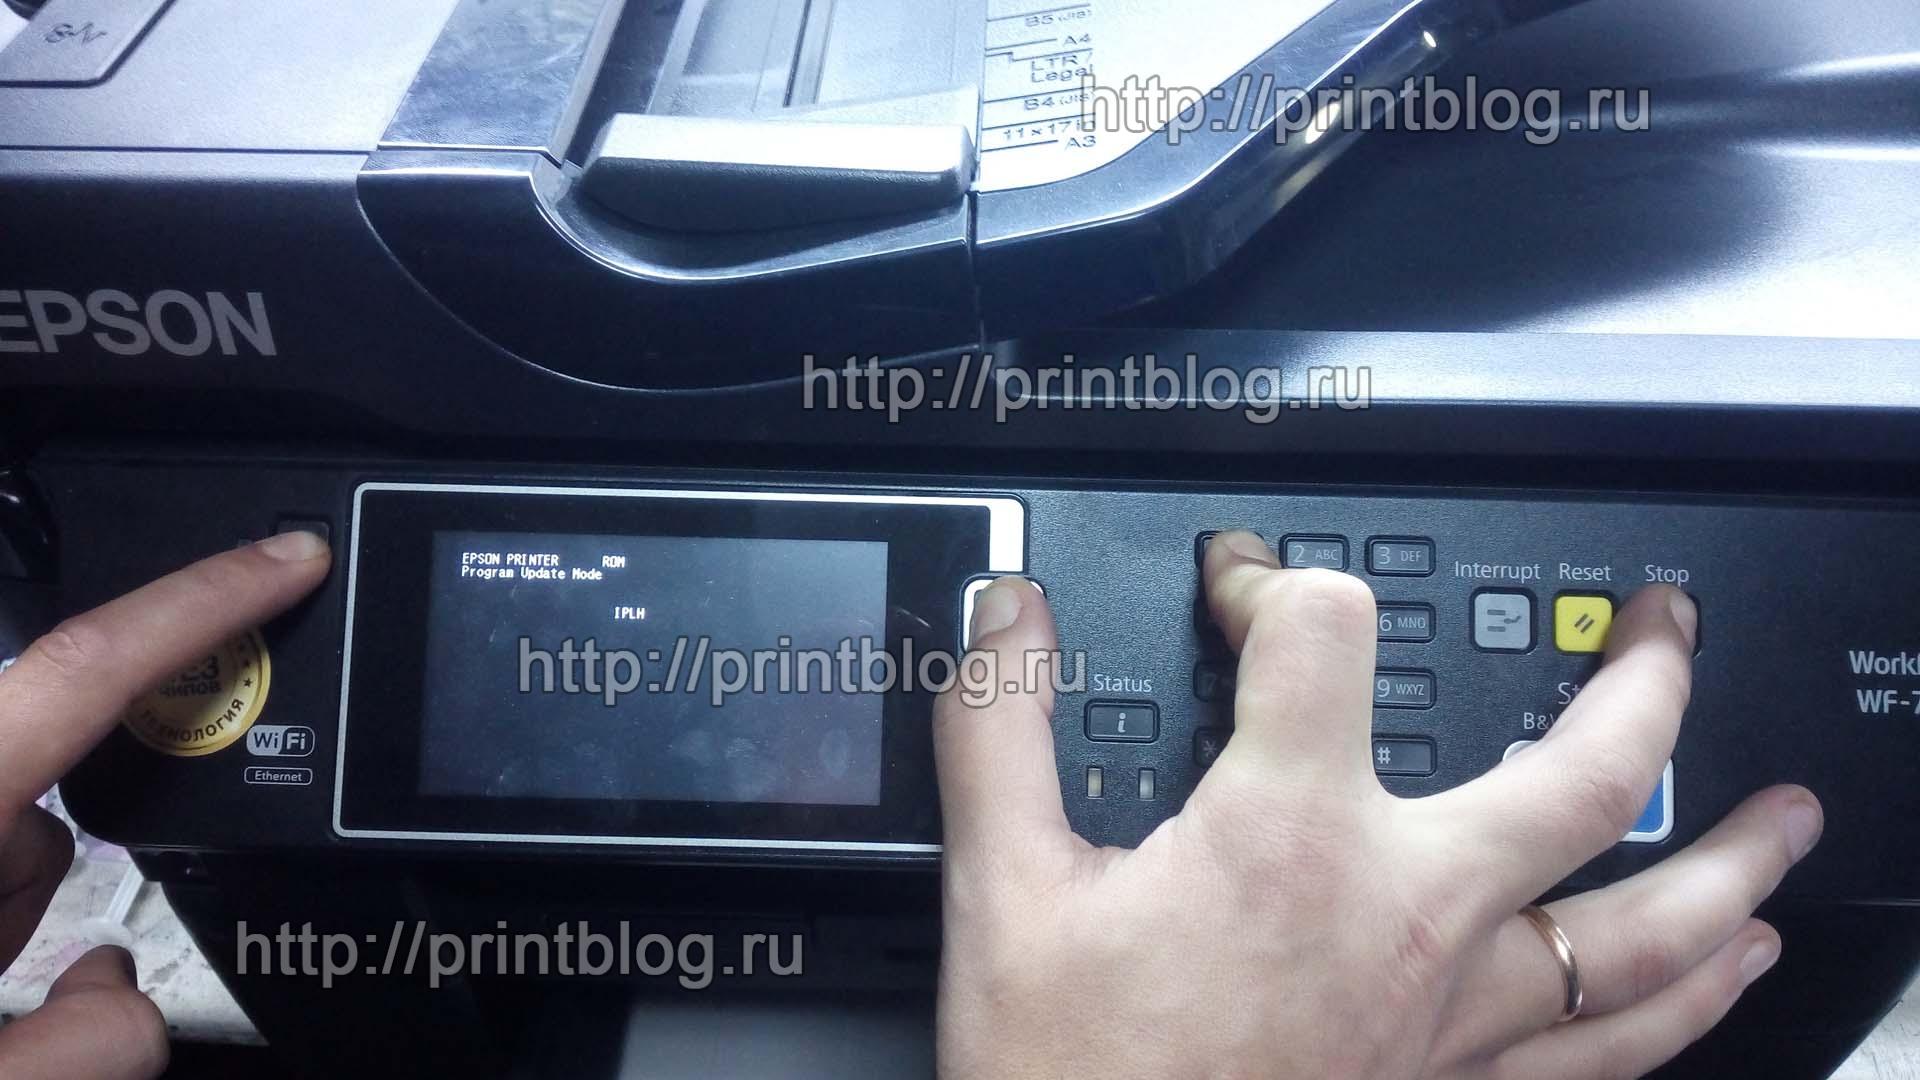 Прошивка в безчиповый принтер Epson WF-7620